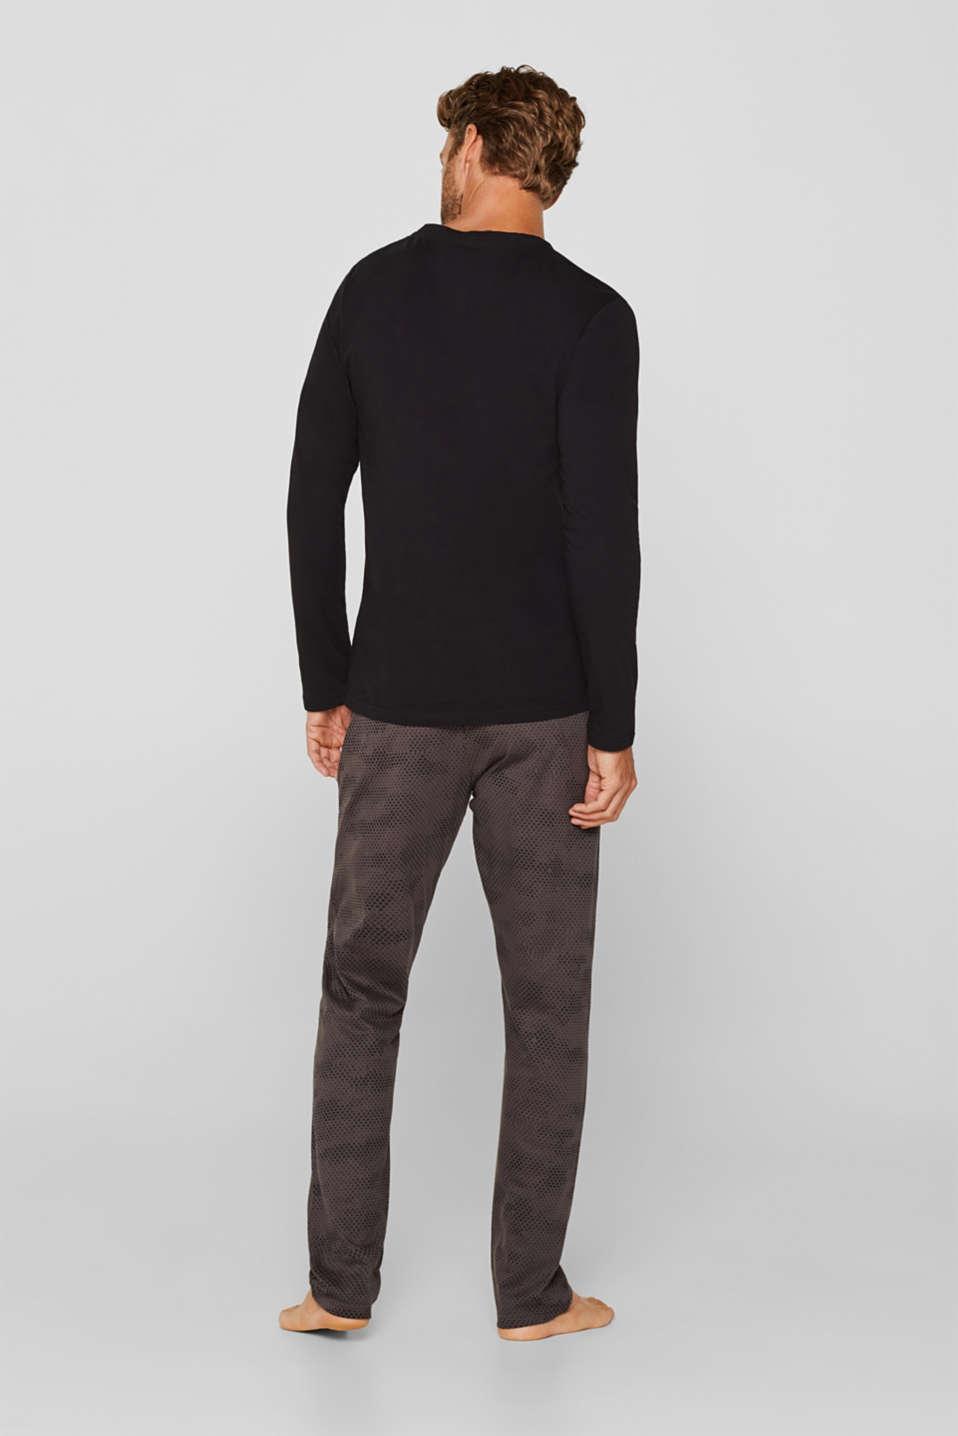 Printed jersey pyjamas, 100% cotton, BLACK, detail image number 1